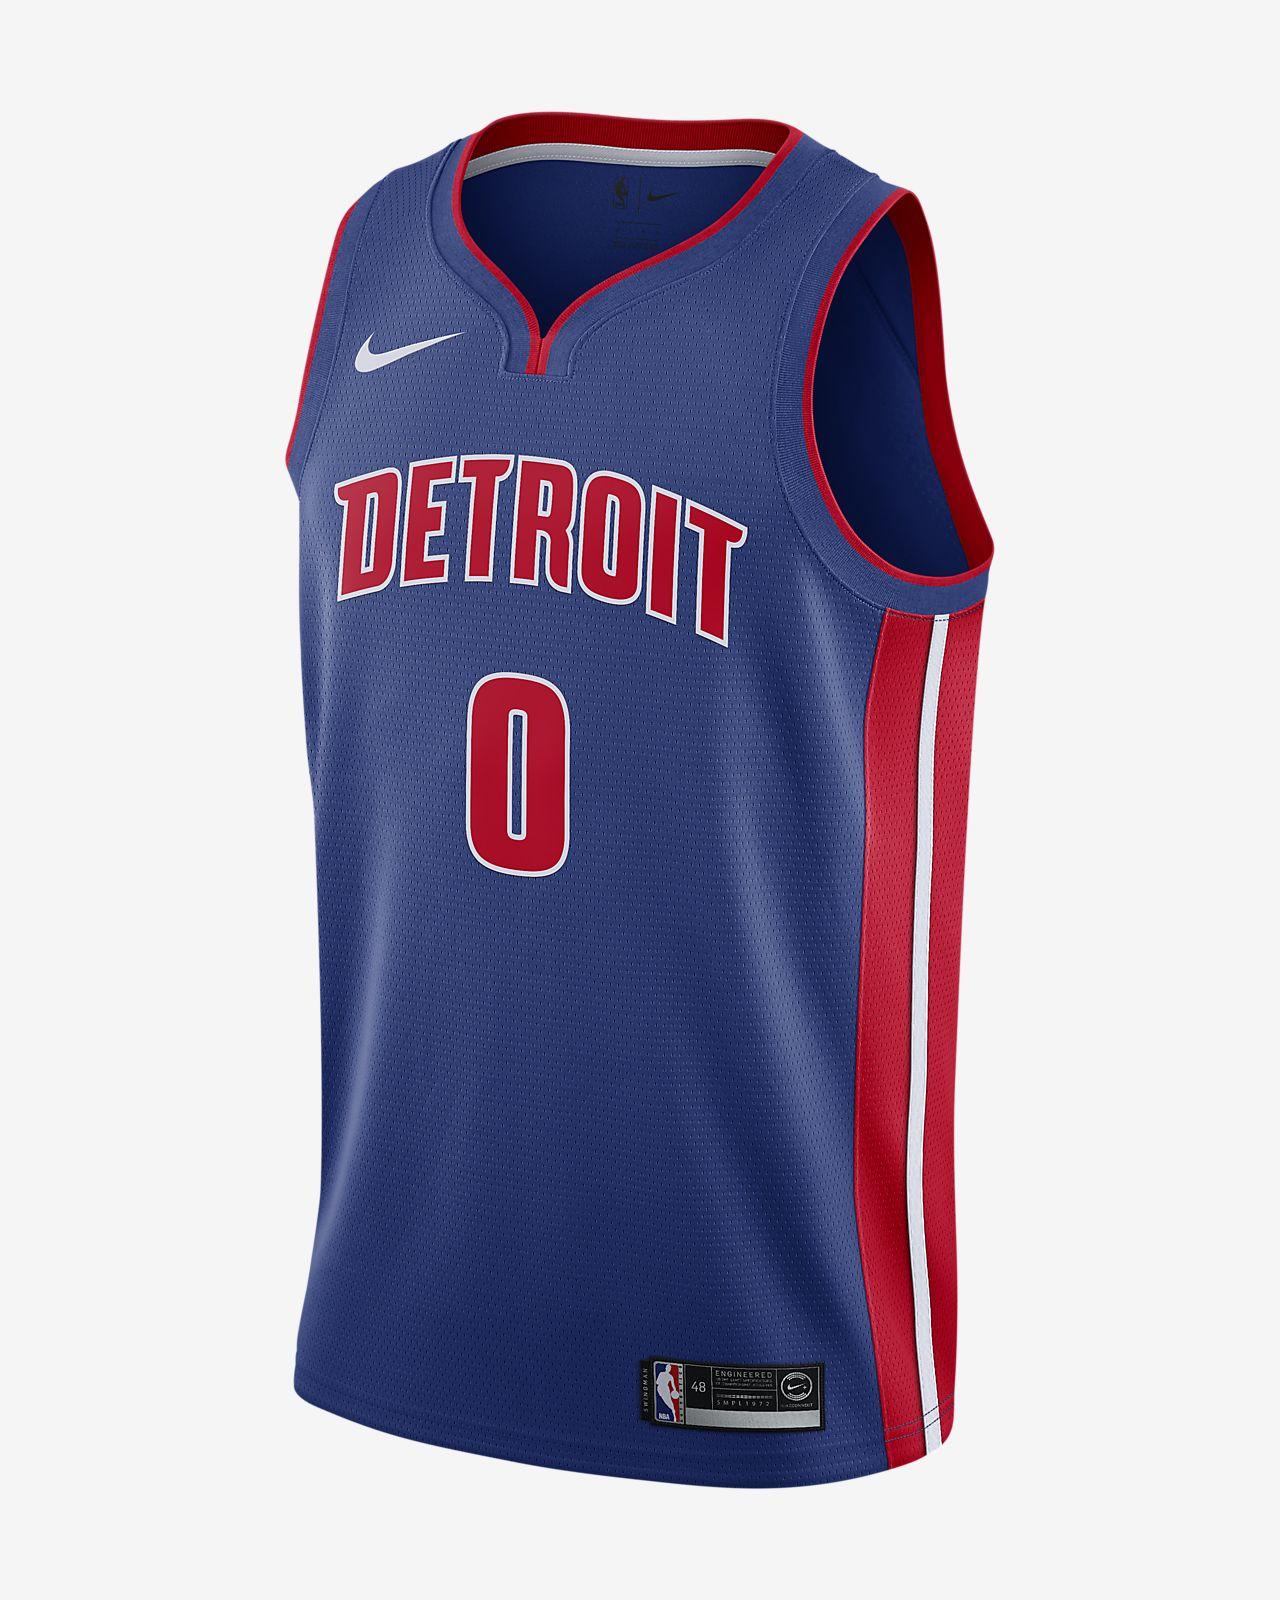 Φανέλα Nike NBA Swingman Andre Drummond Pistons Icon Edition